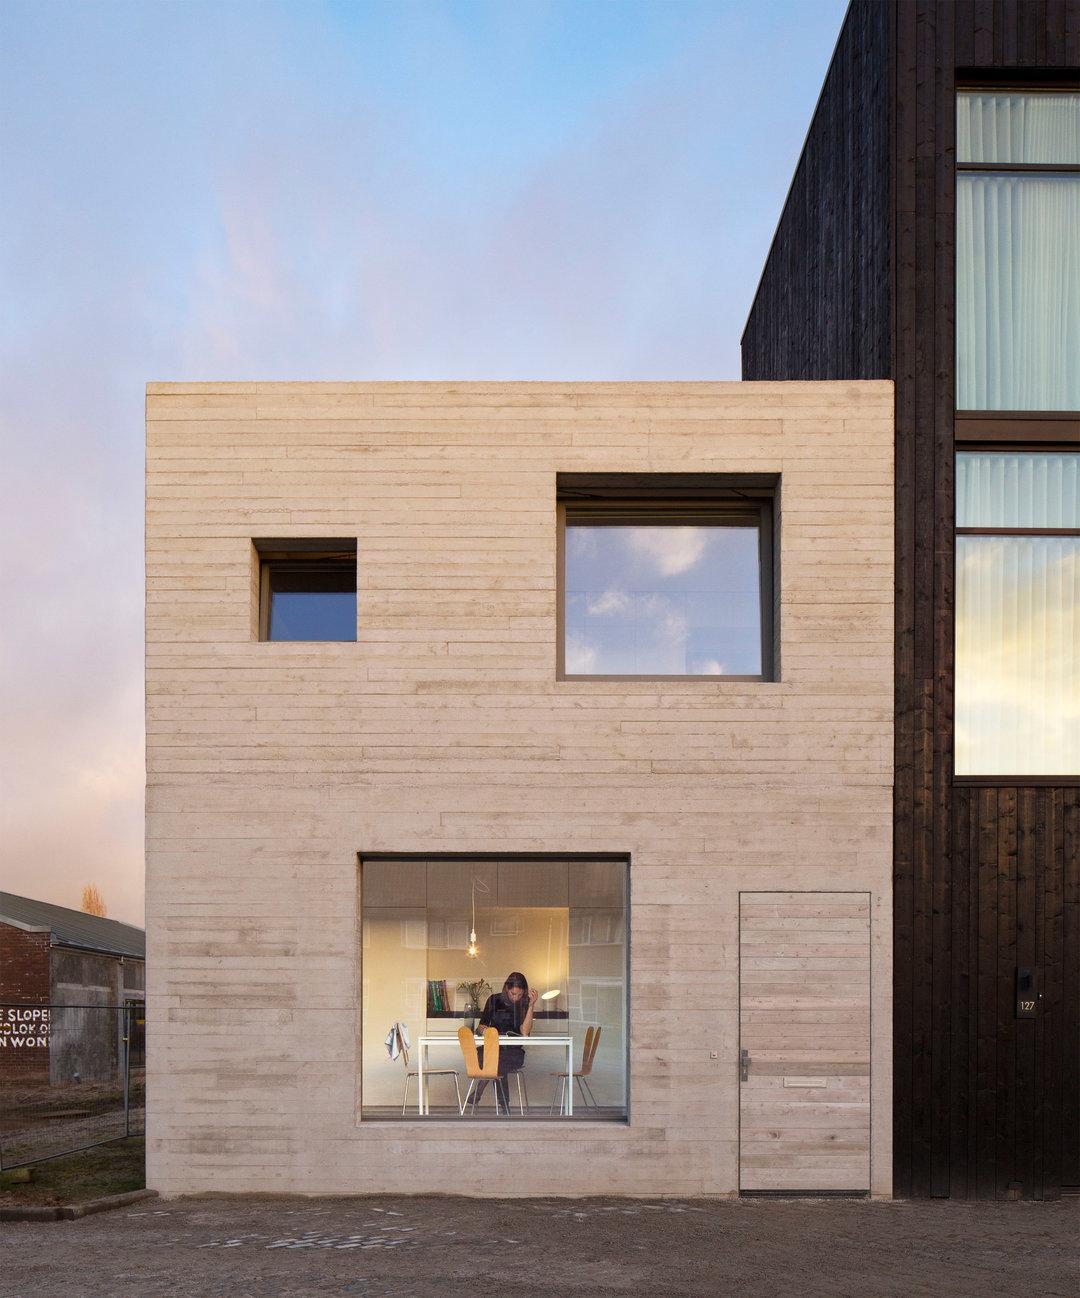 荷兰这对年轻夫妇没什么钱,但自盖的小楼看上去很不错_设计_好奇心日报